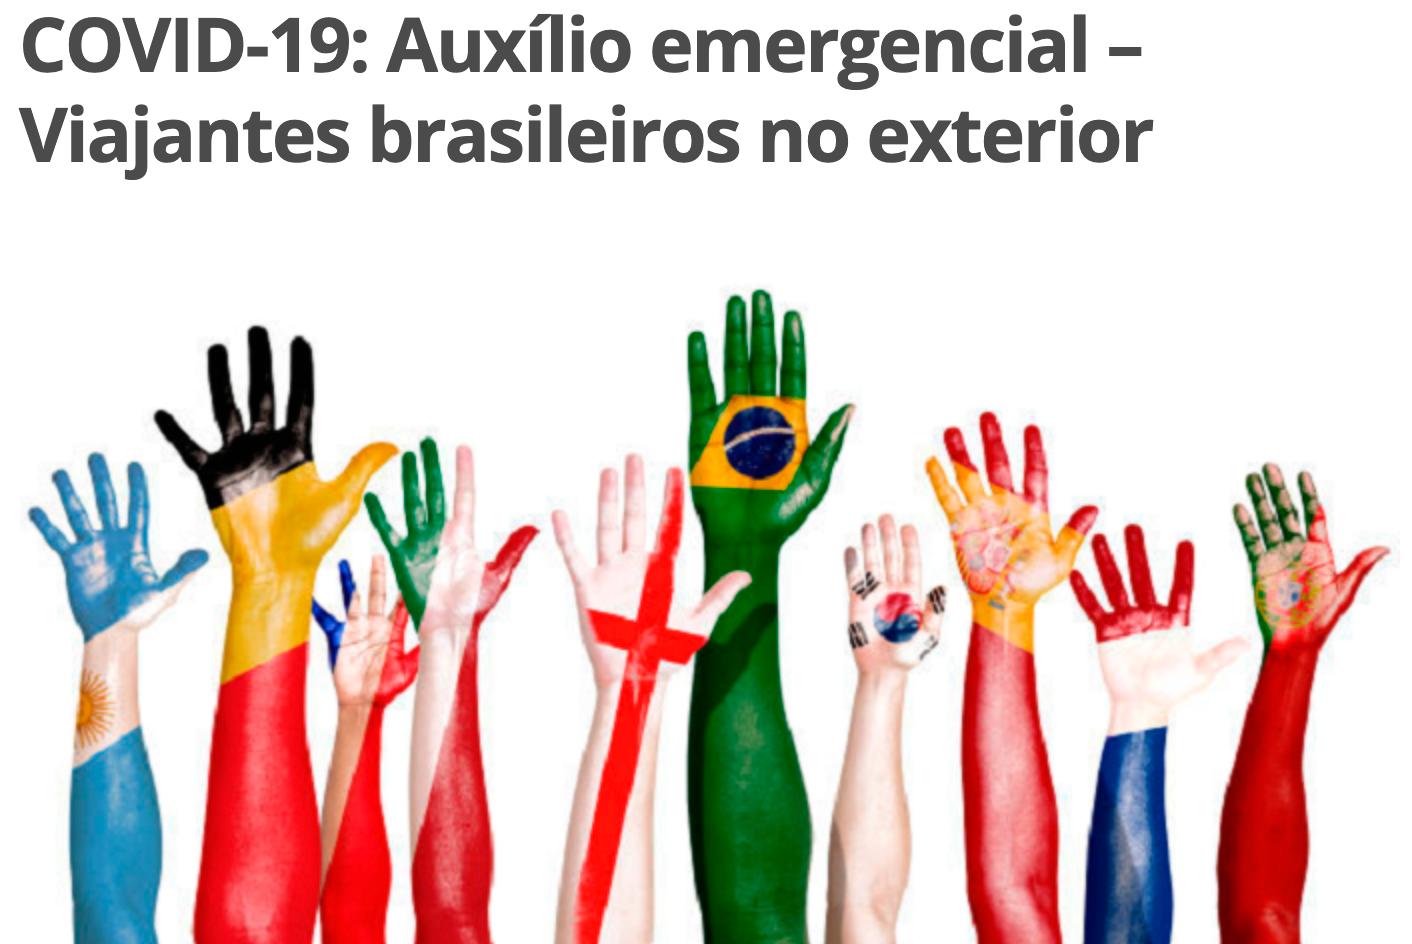 COVID-19: Auxílio emergencial – Viajantes brasileiros no exterior